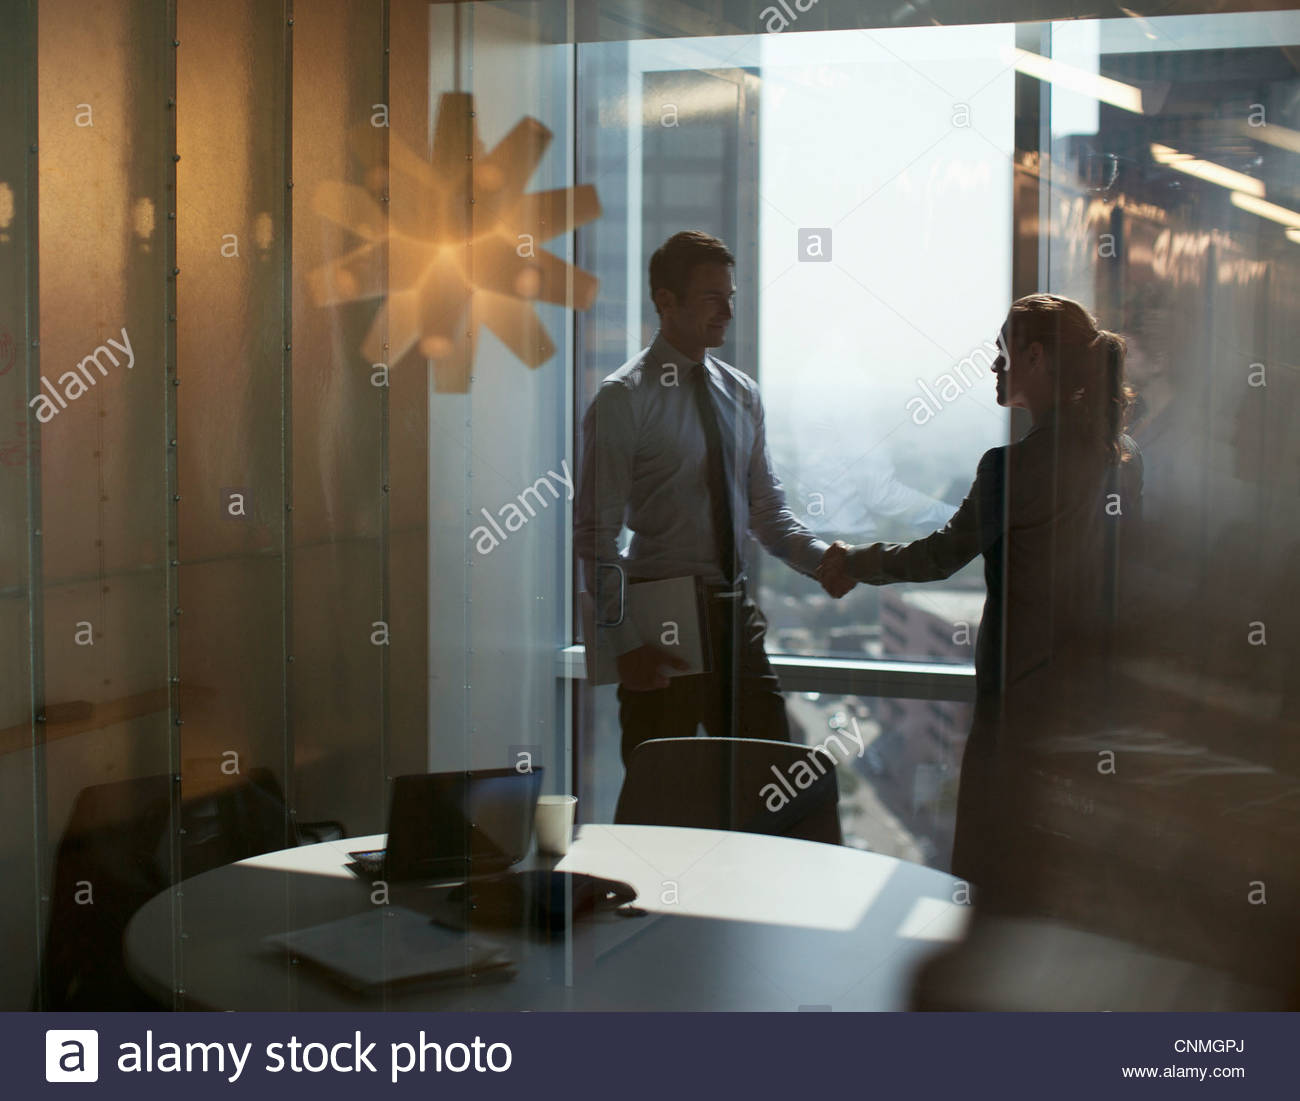 La gente de negocios un apretón de manos en la oficina Imagen De Stock